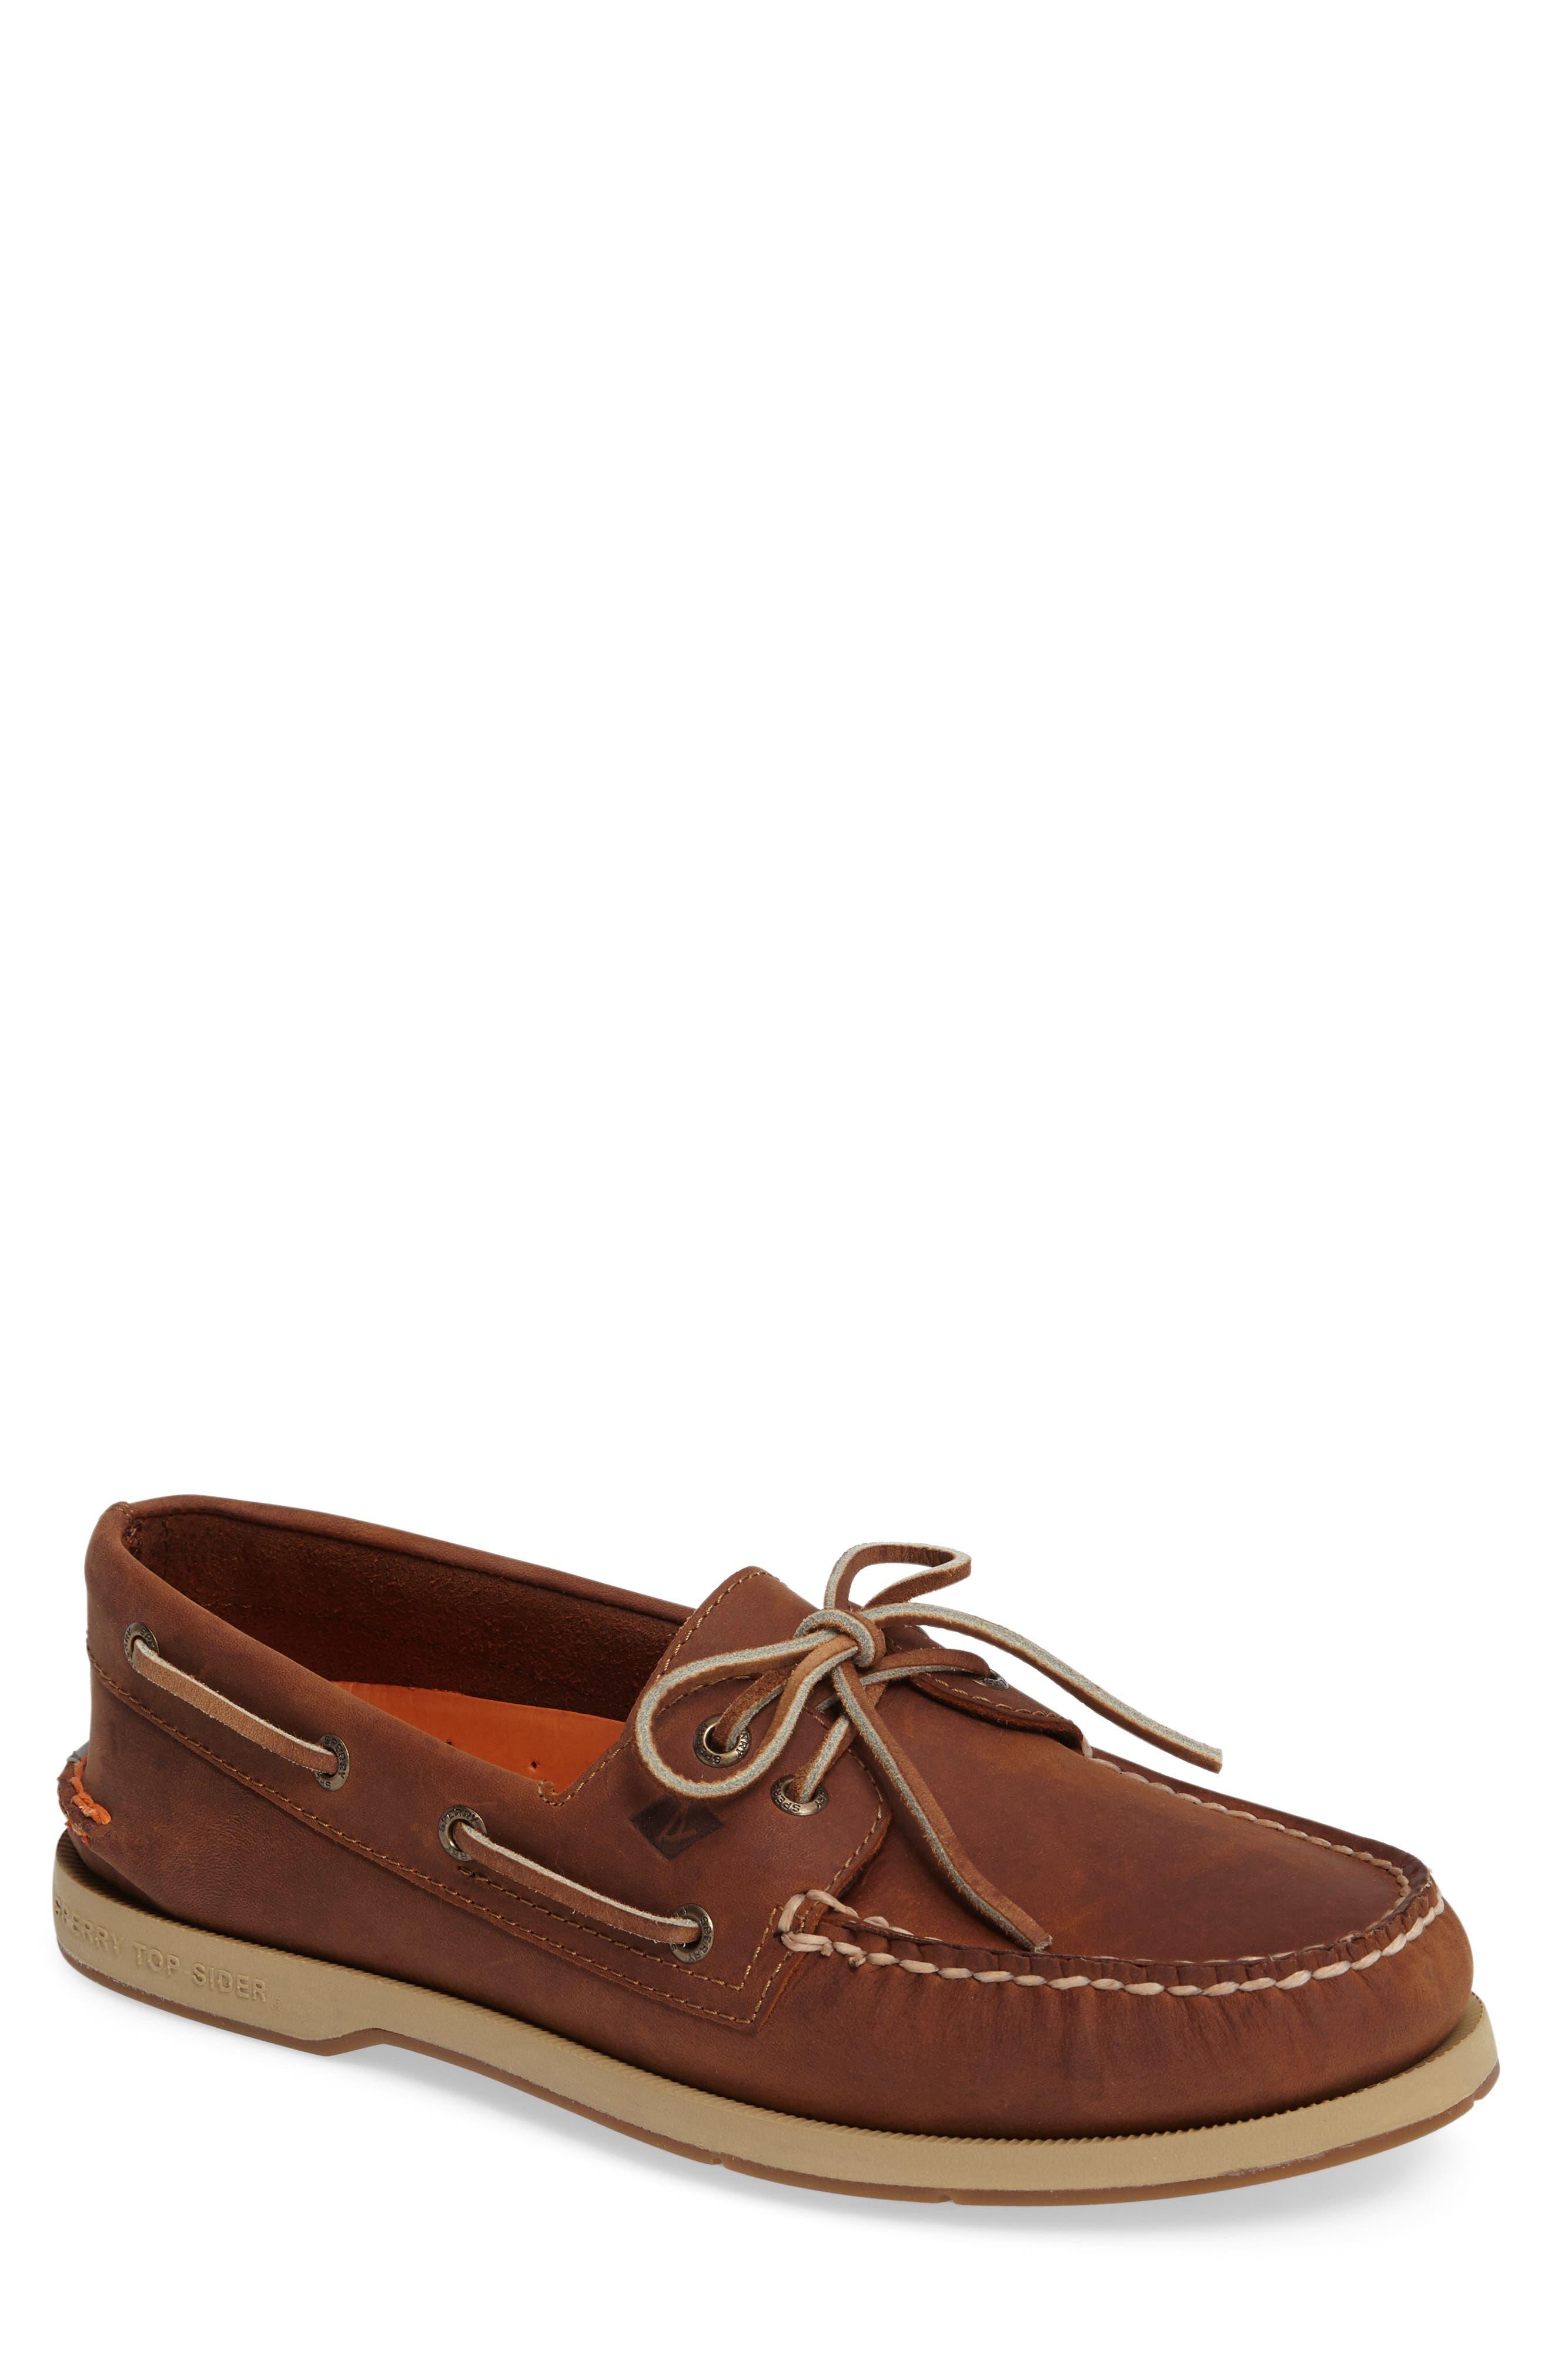 Main Image - Sperry Captain's Authentic Original Boat Shoe (Men)